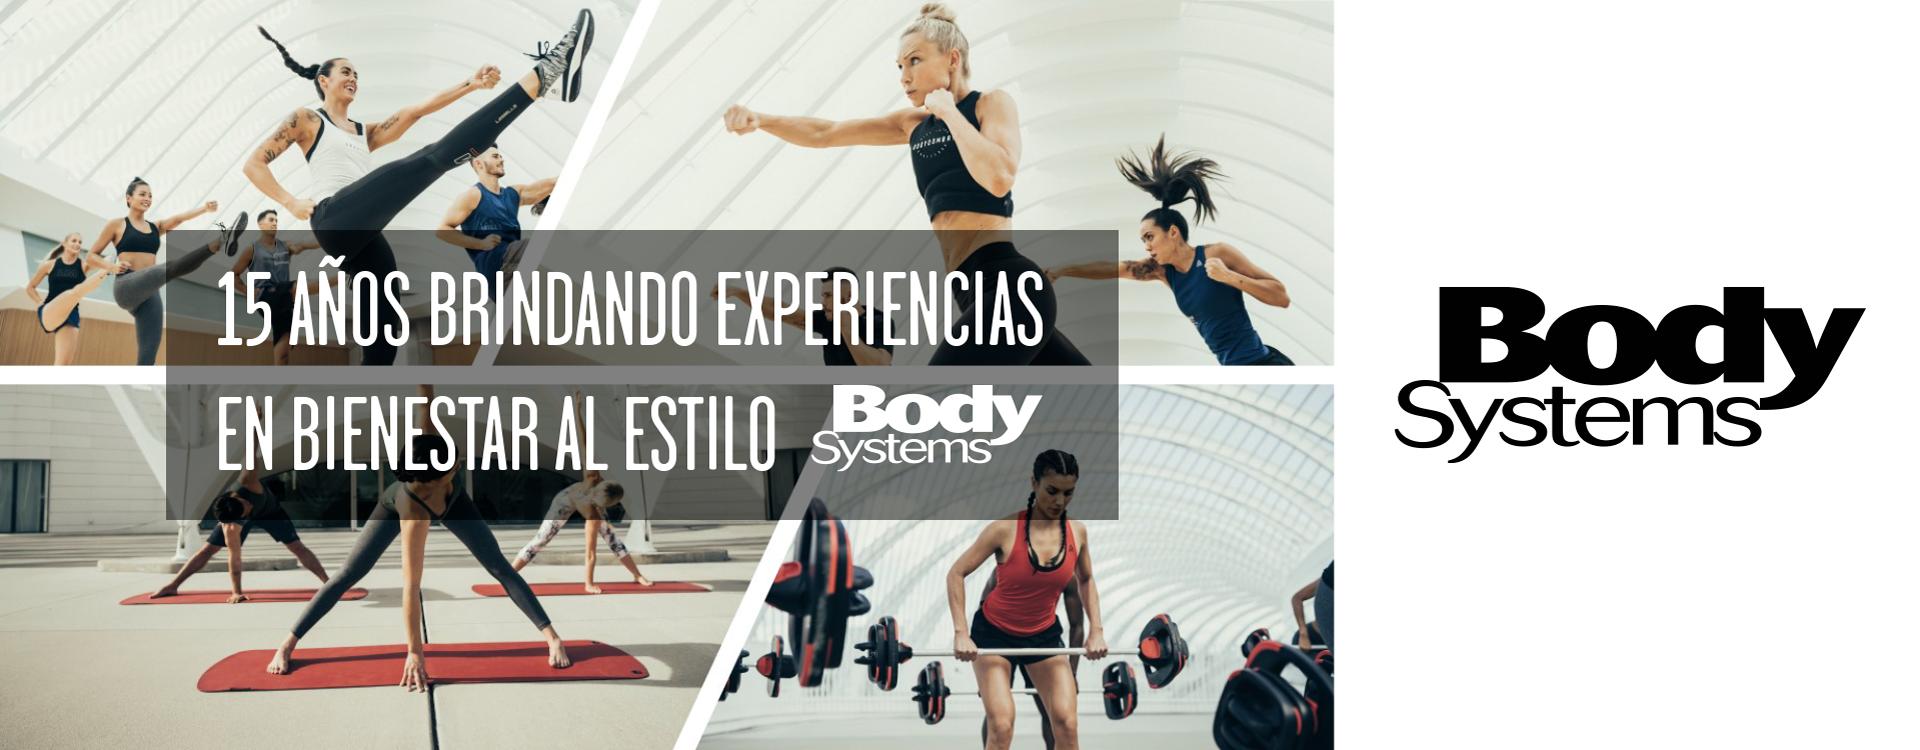 15 Años Brindando Experiencias en Bienestar al Estilo Body Systems